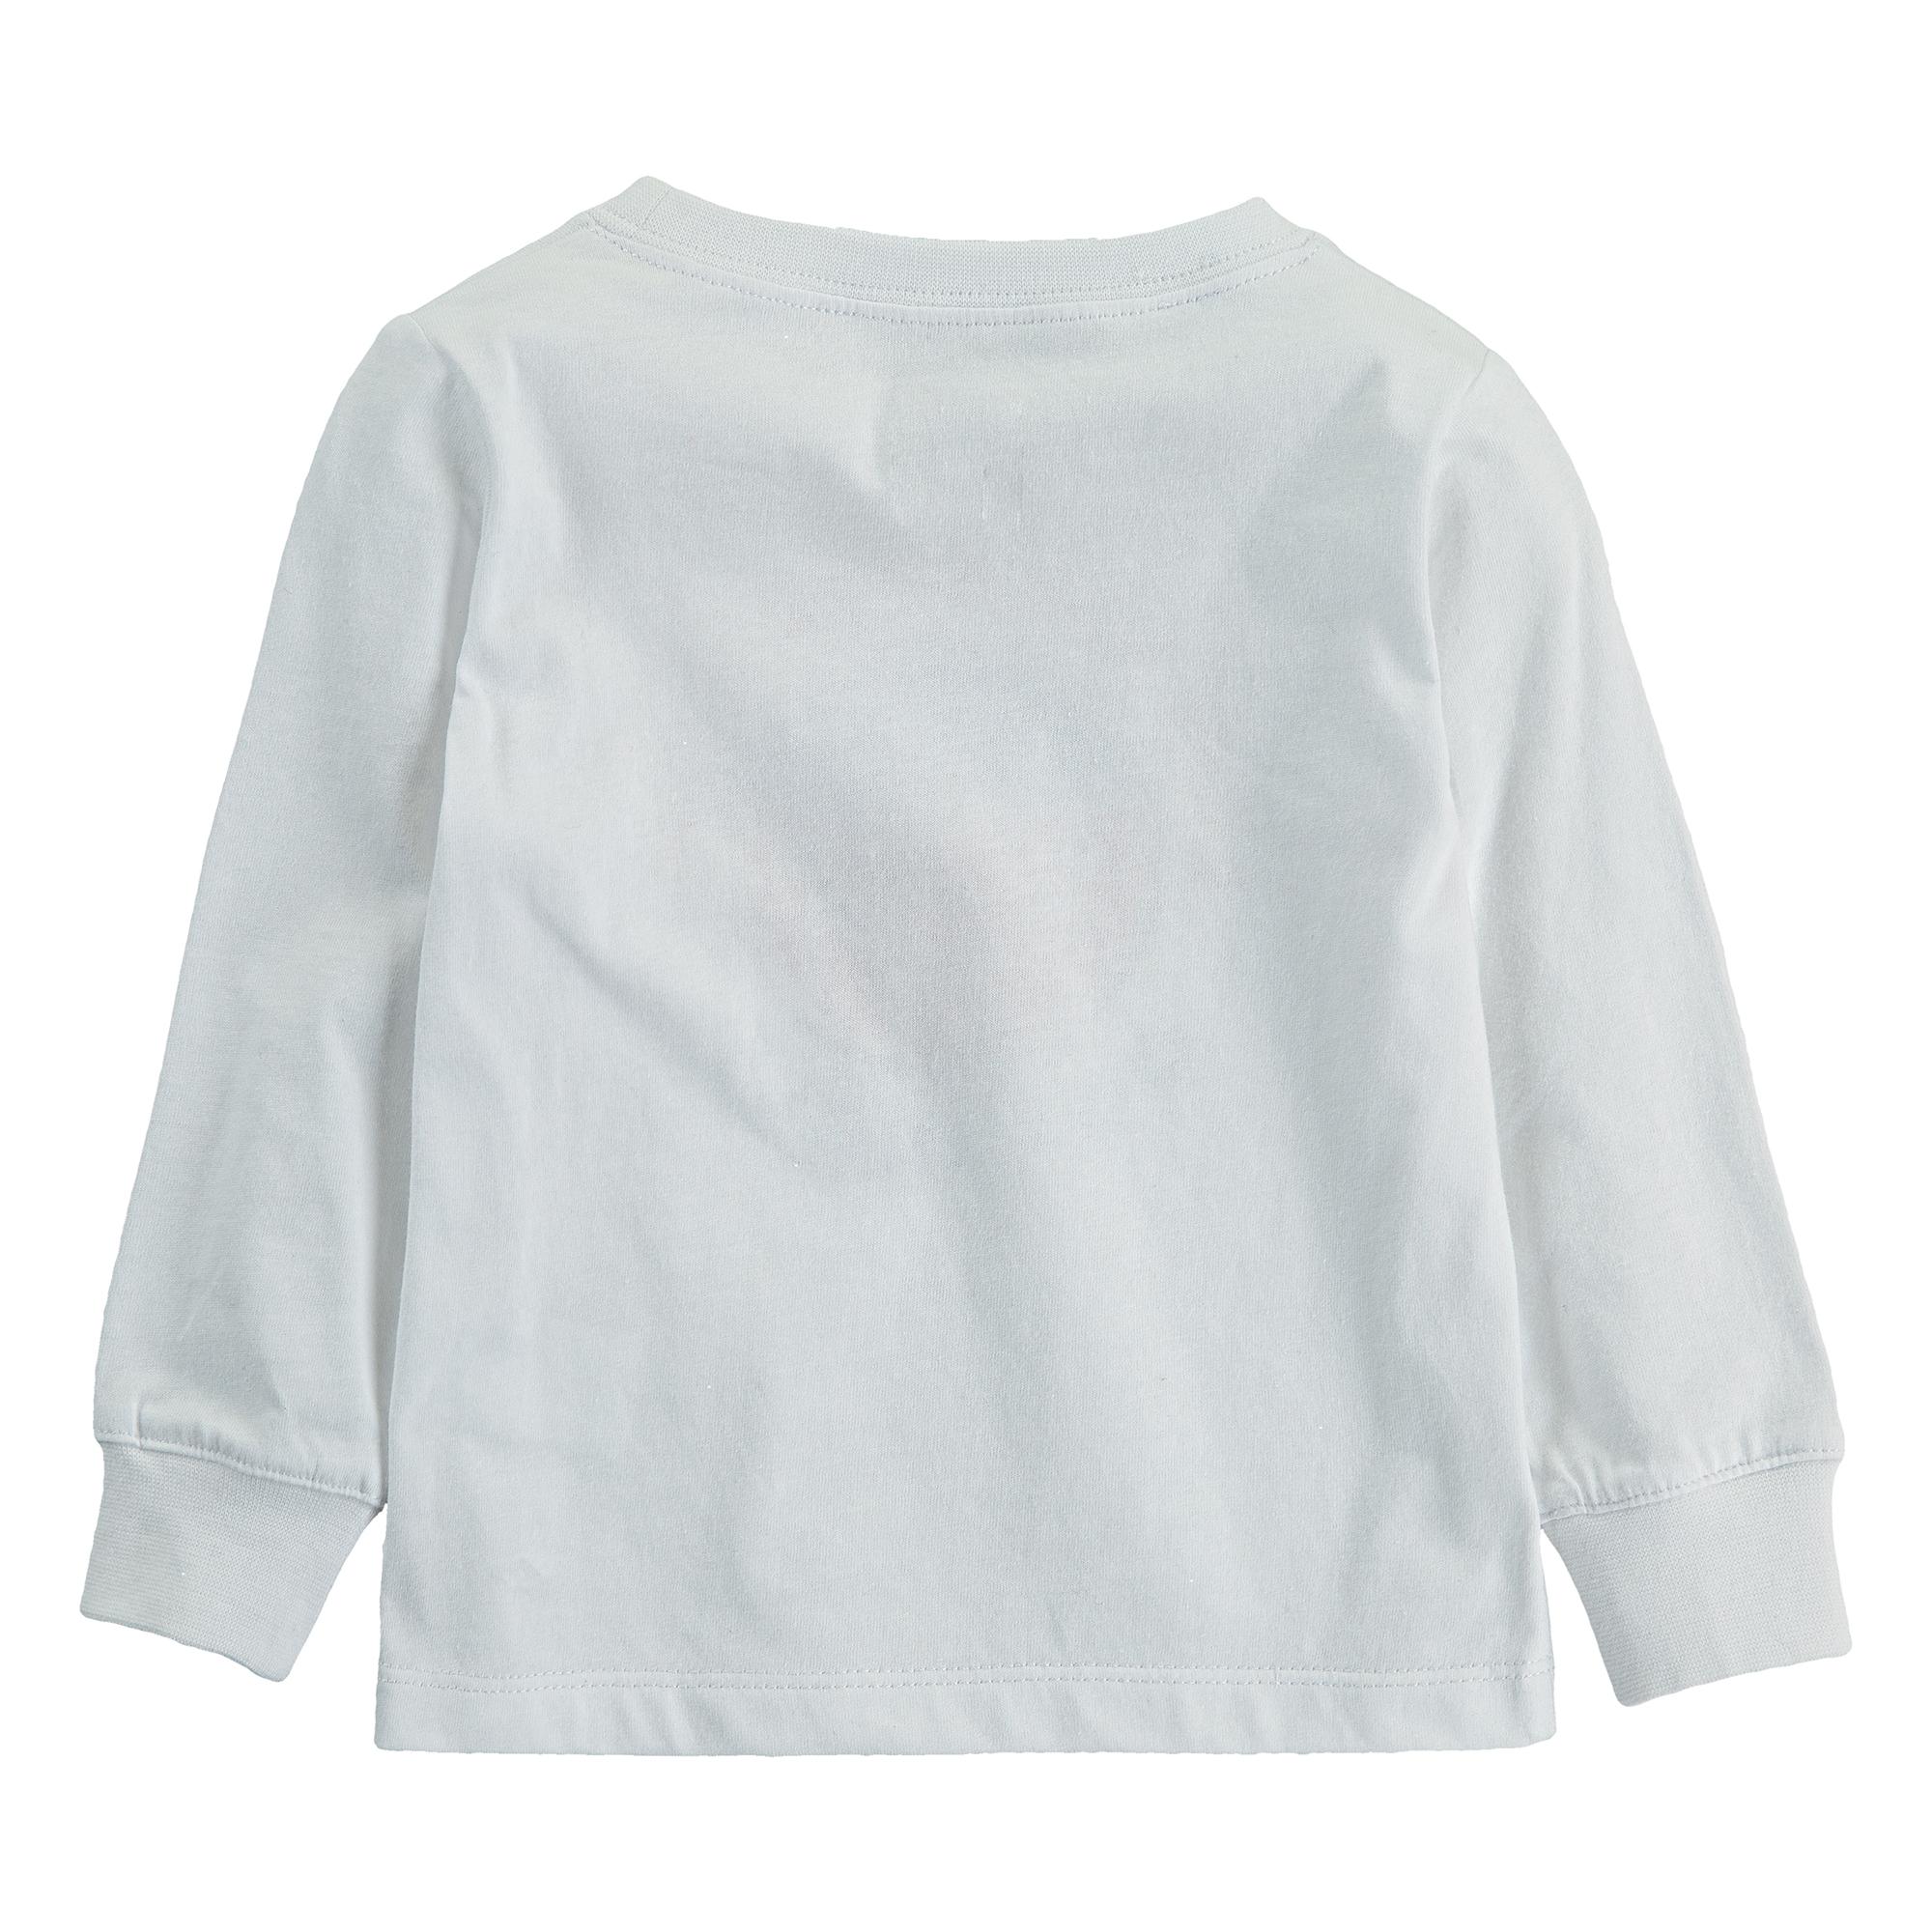 T-shirt original collection Levi's Kids Hiver 2019 Blanc  de Levi's Kids